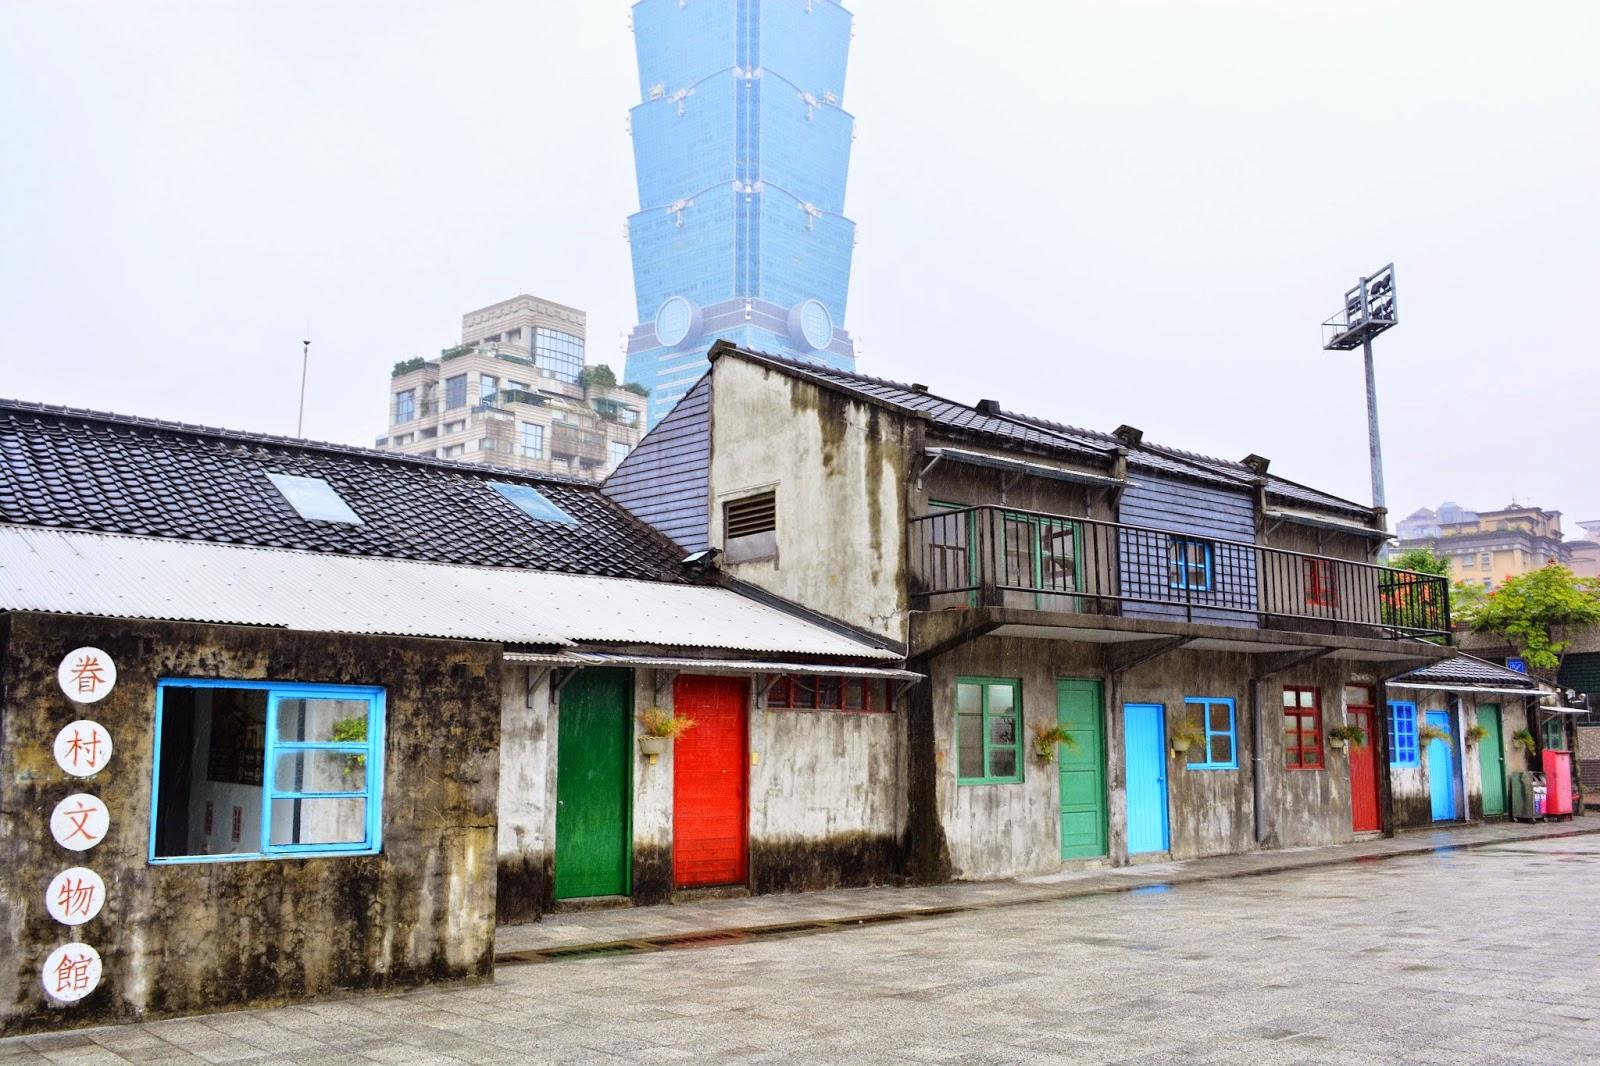 你還沒去過嗎?台北超夯觀光景點Top10推薦華山、擎天崗、朱銘美術館、龍洞灣 @東南亞投資報告